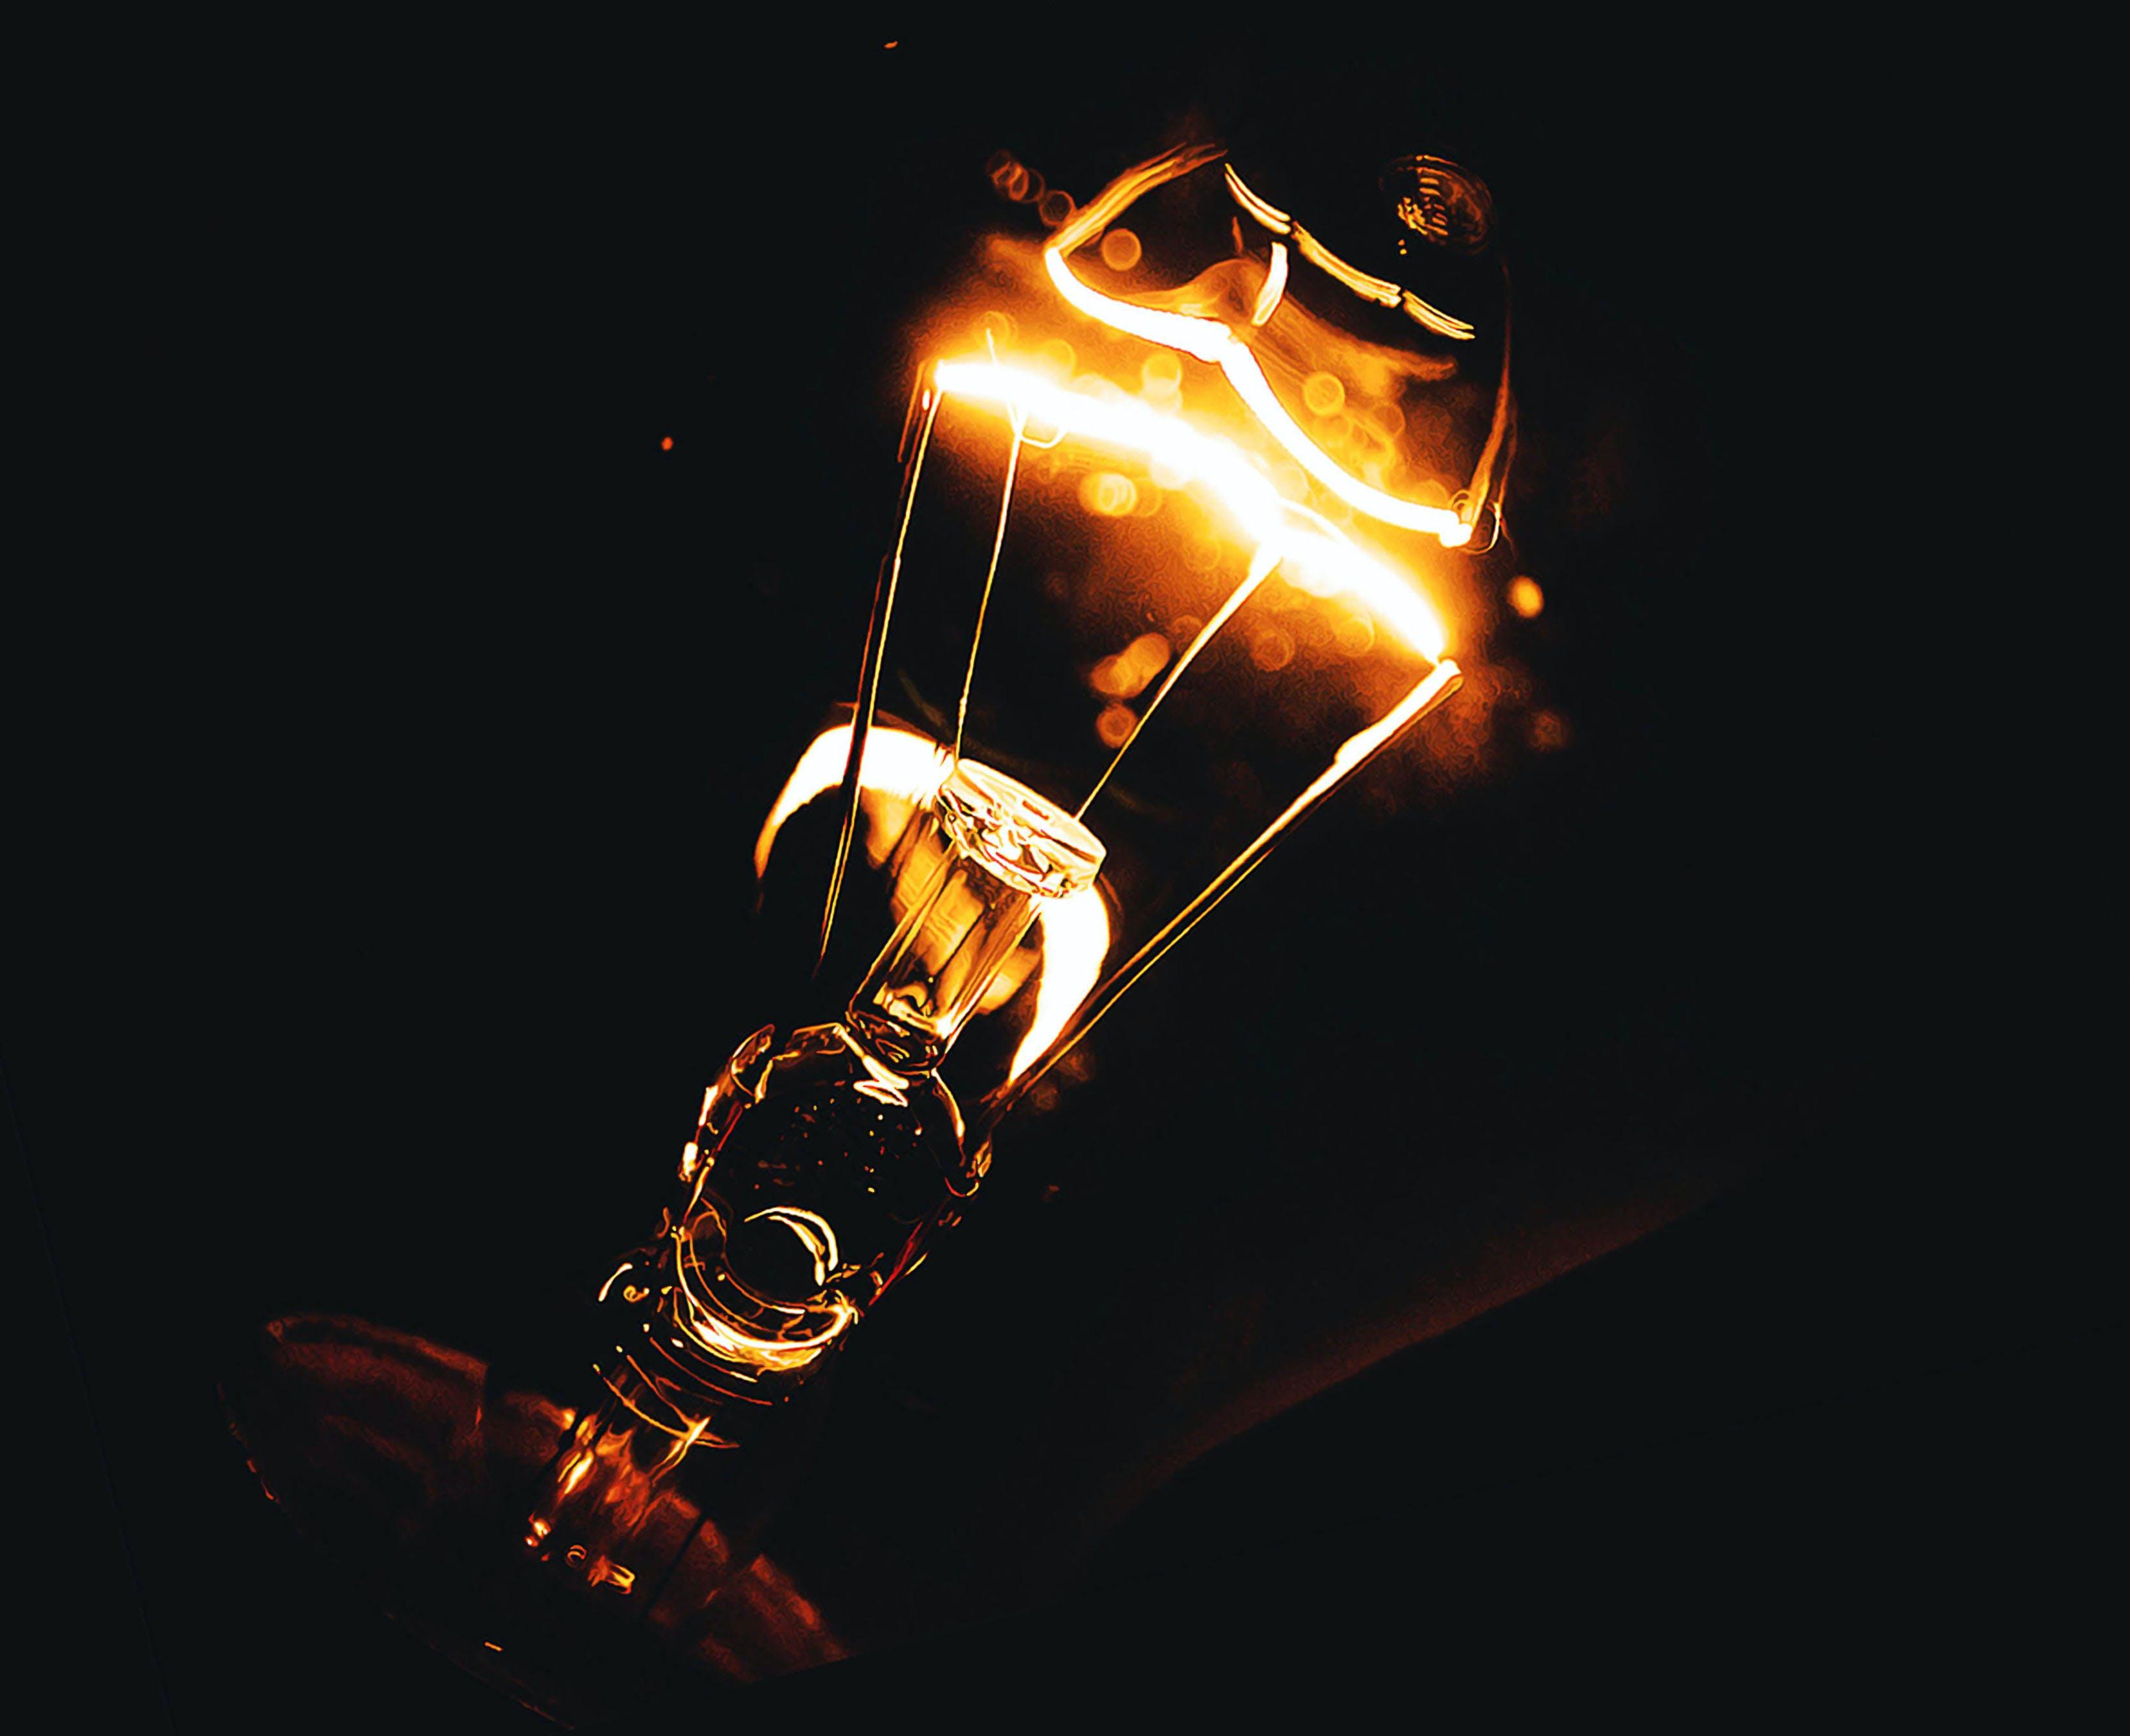 ánh sáng, bóng đèn, cận cảnh